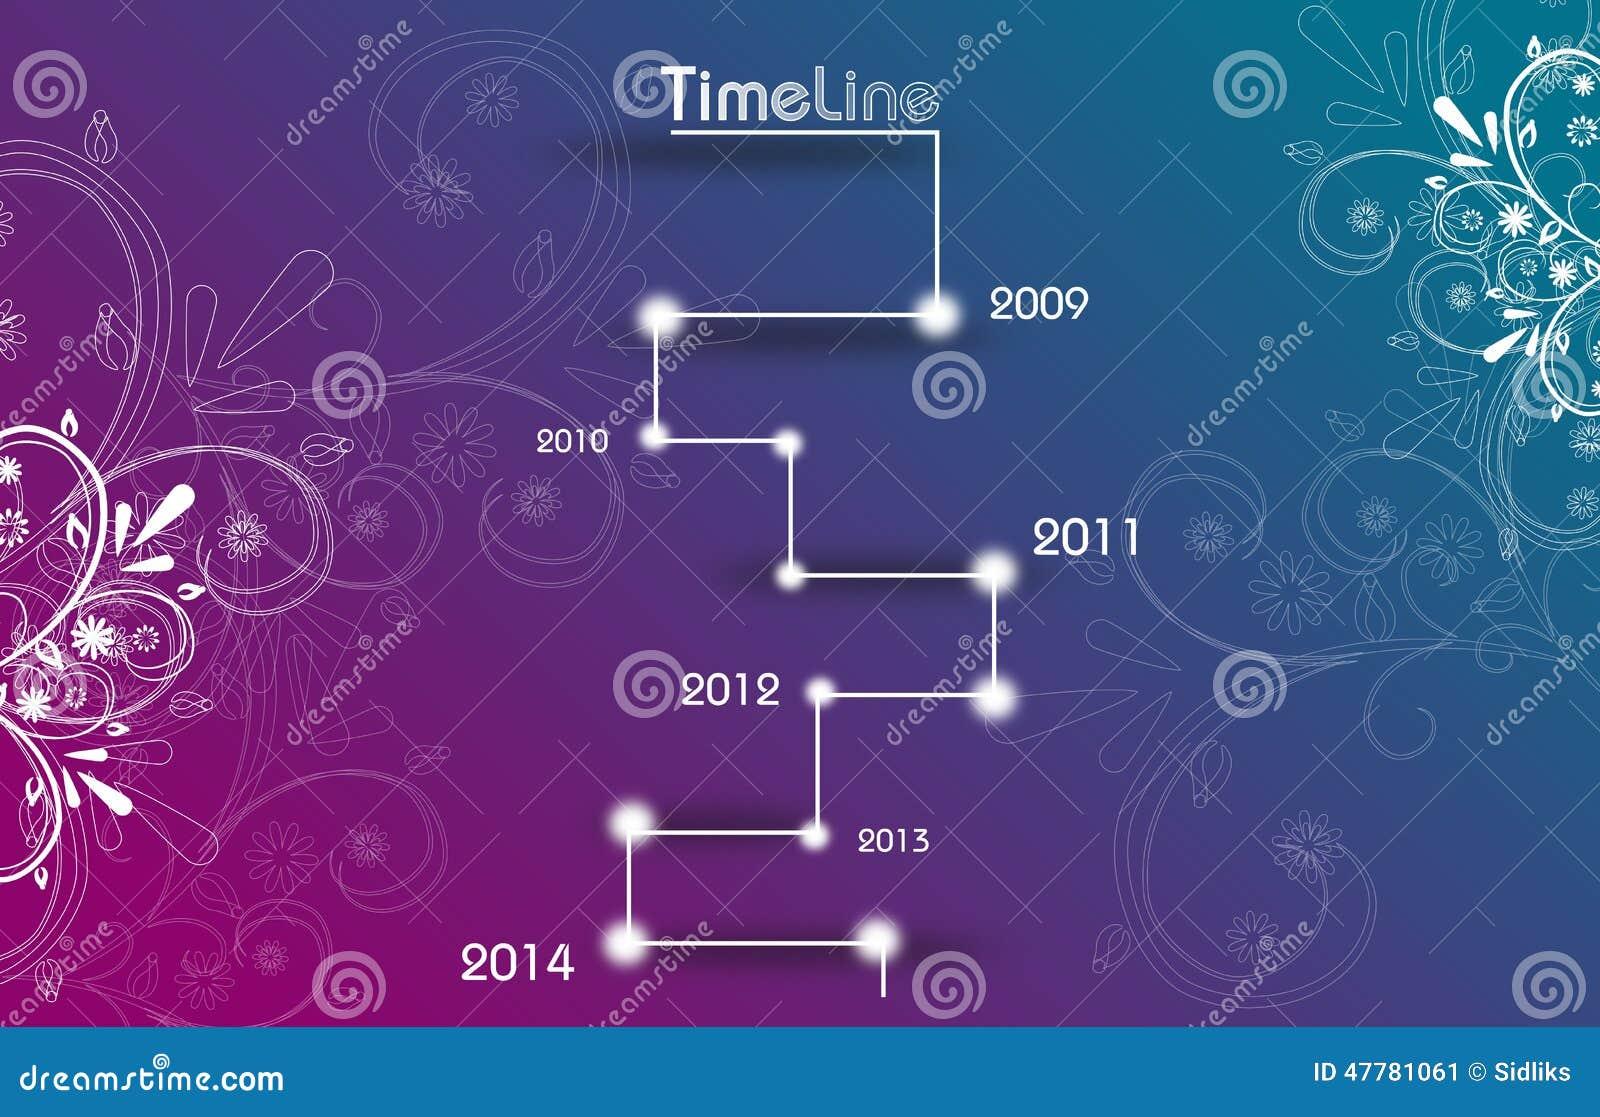 Kalnirnay november 2009 timeline dastaff.